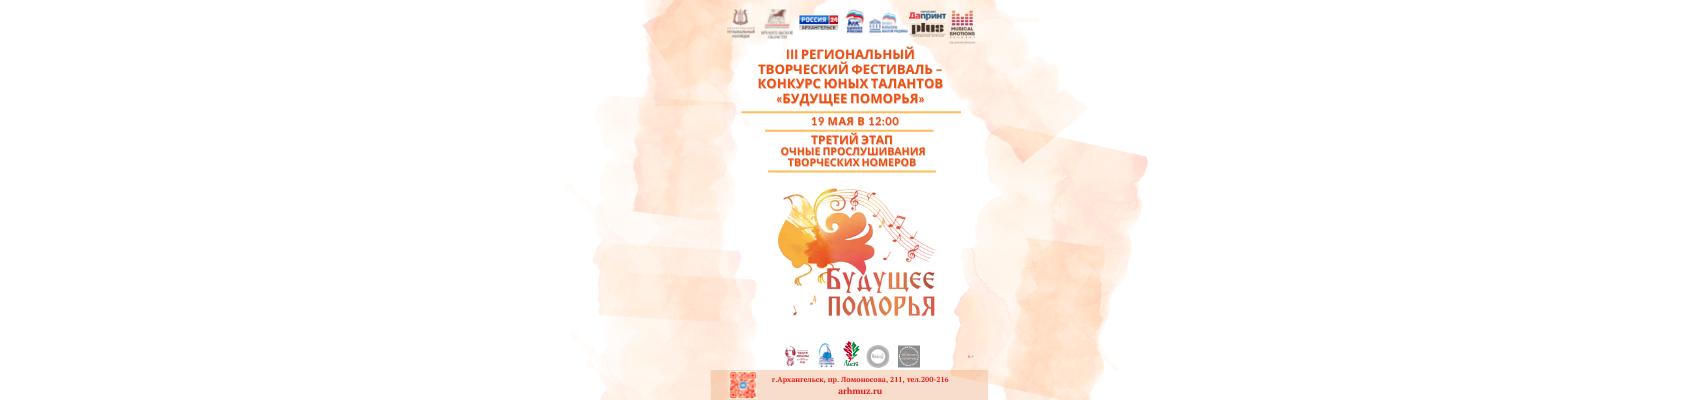 Уважаемые участники Регионального творческого фестиваля-конкурса юных талантов «Будущее Поморье»!